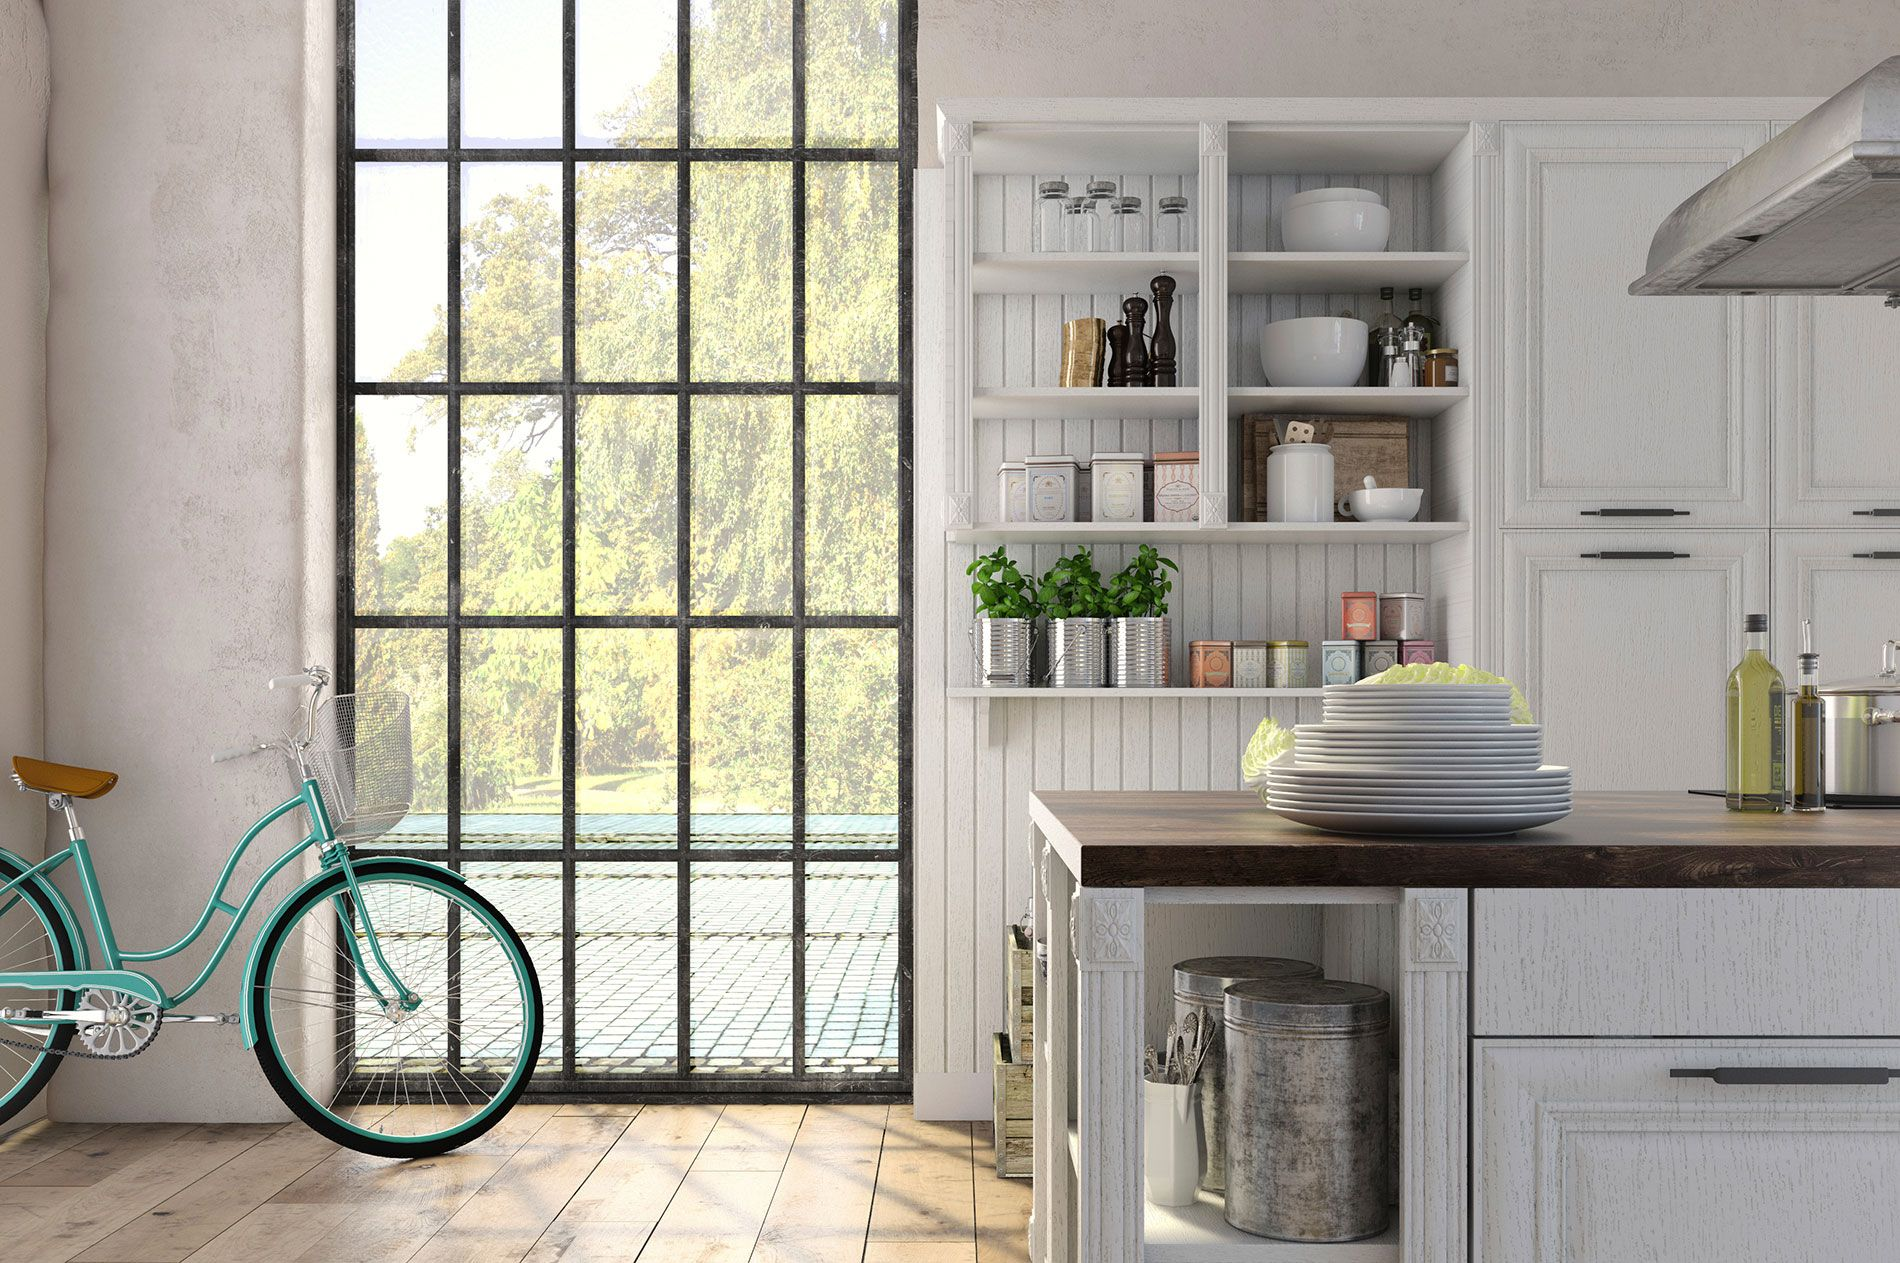 mein stil: die schönsten einrichtungsstile | küchen-ideen & wohn ... - Einrichtungsstile Ideen